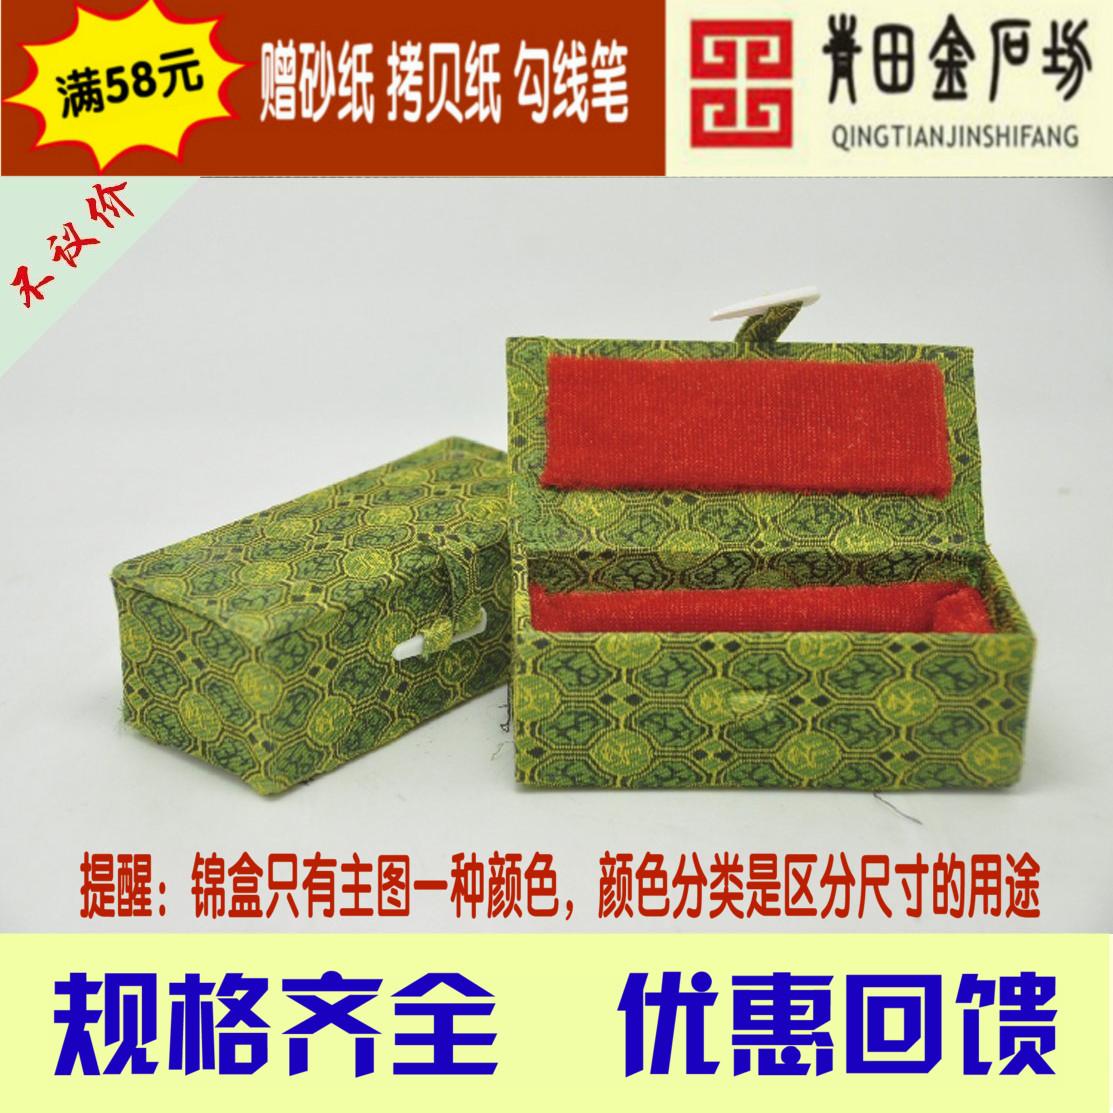 Зеленая ткань красный один глава палитра печать камень коробка нефрит печать коробка книга живопись печать гравировка пакет сделанный на заказ индивидуальный большой размер